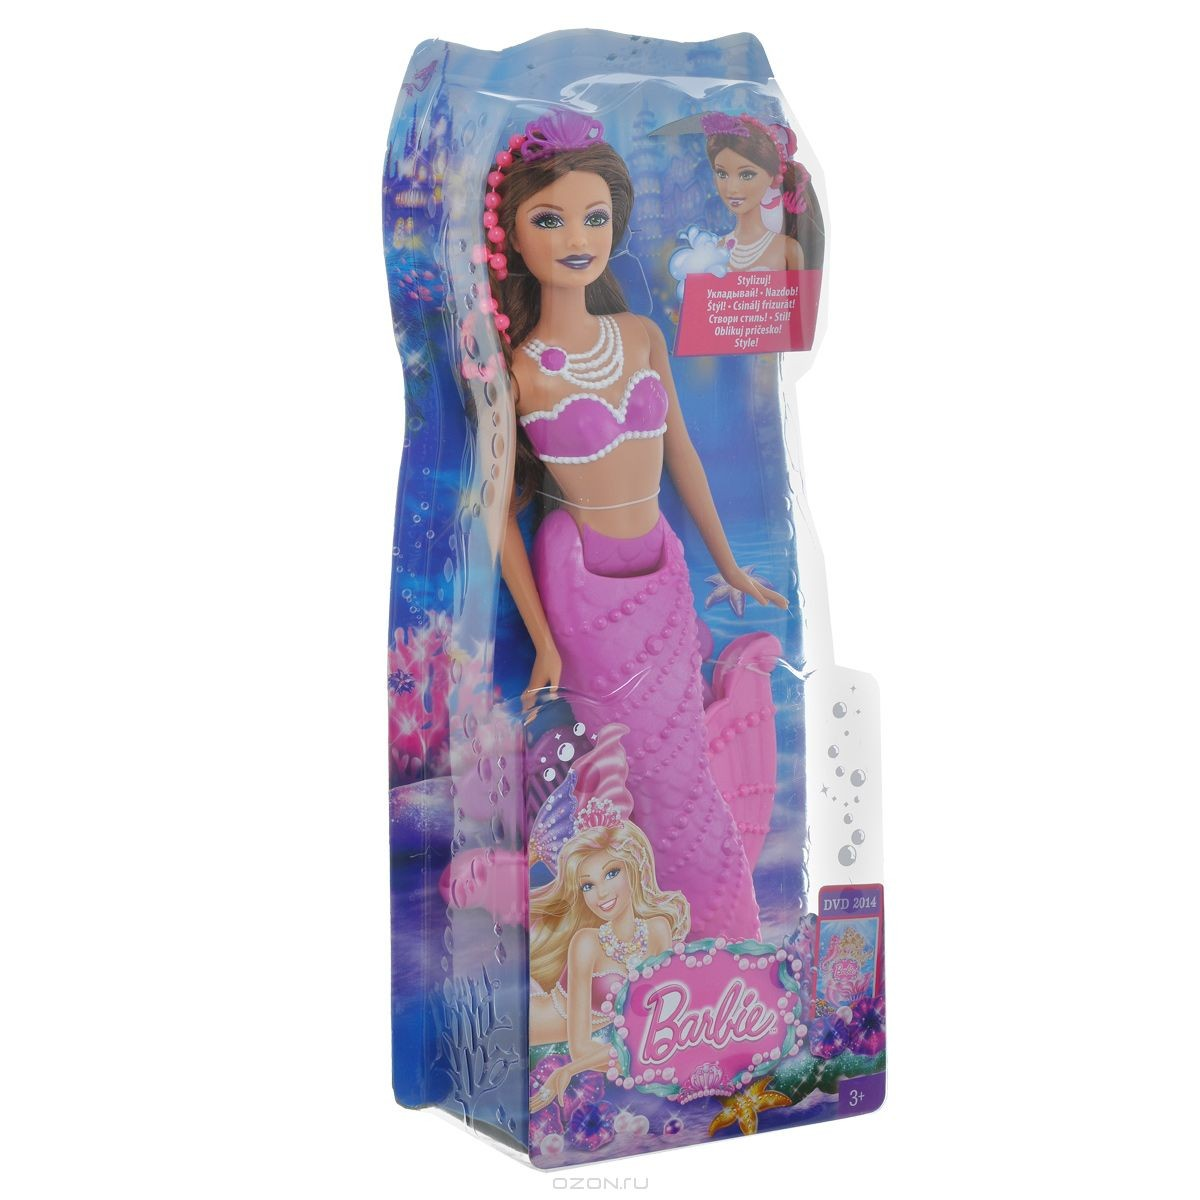 Кукла Барби. Русалка